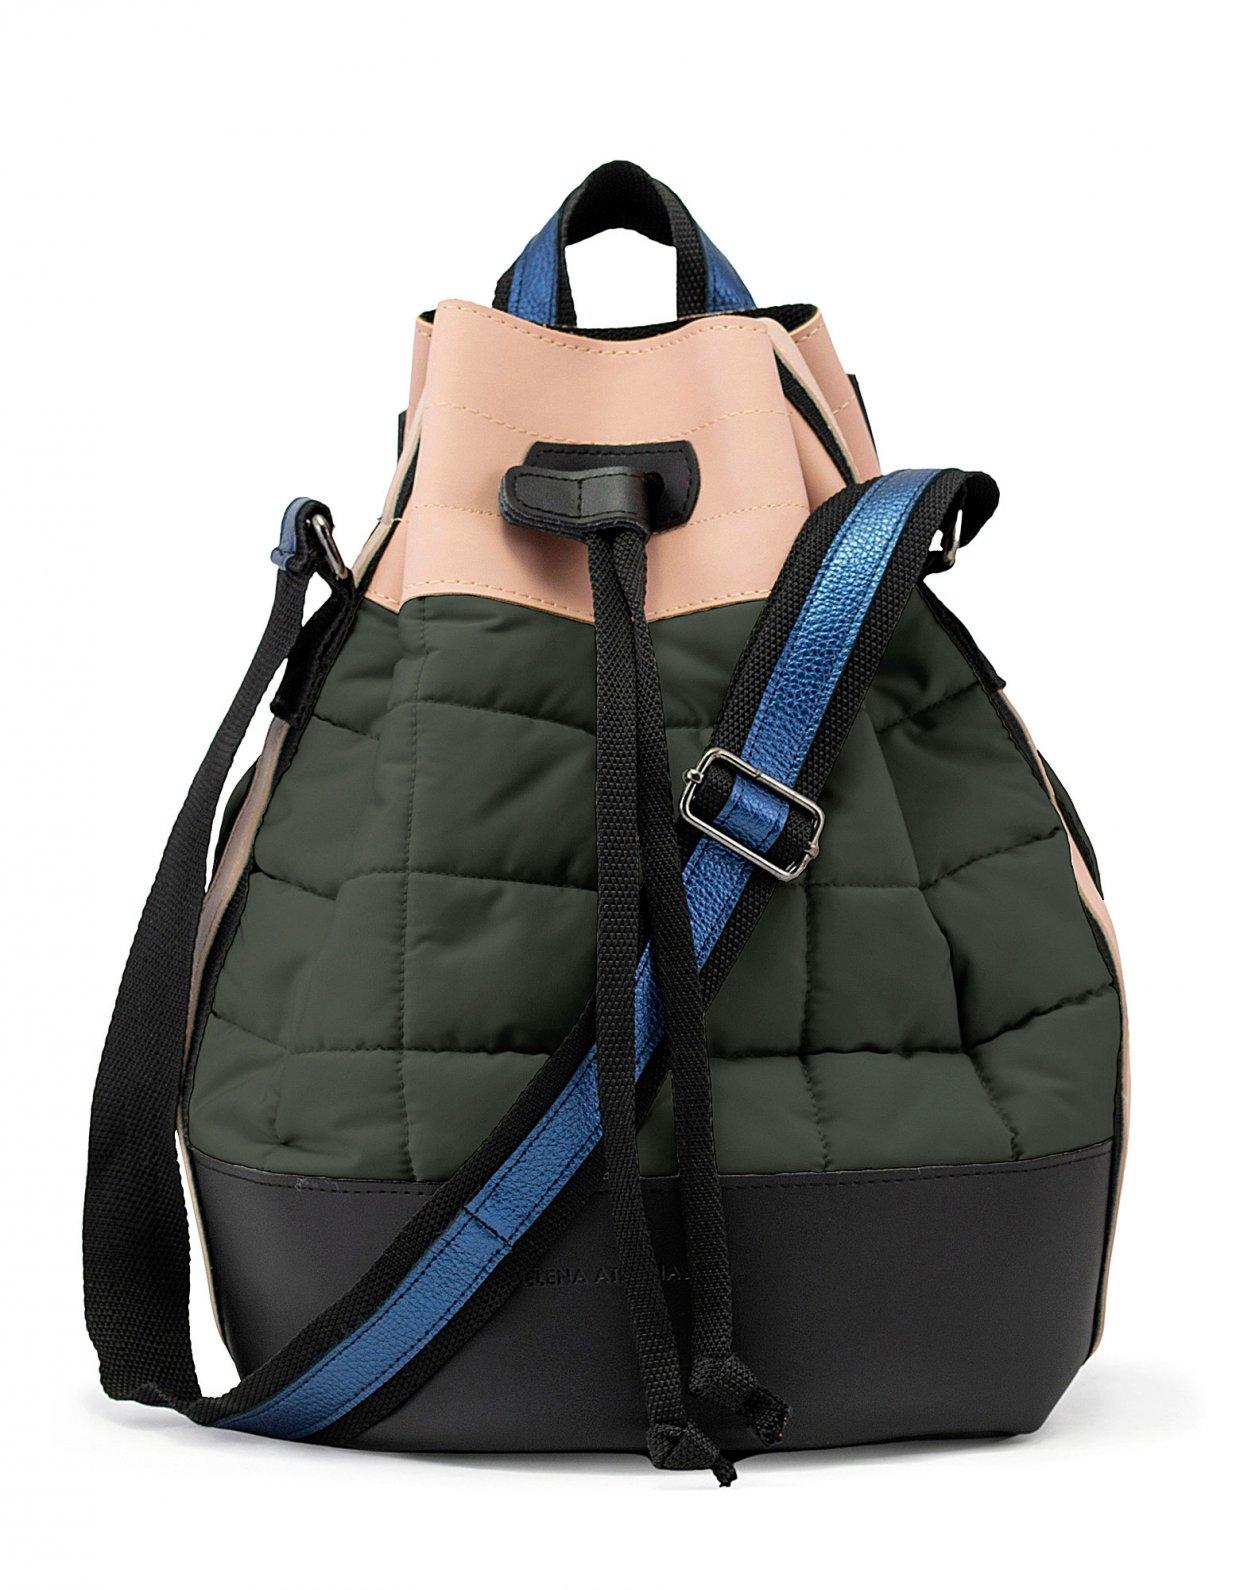 Elena Athanasiou Holiday bag jungle